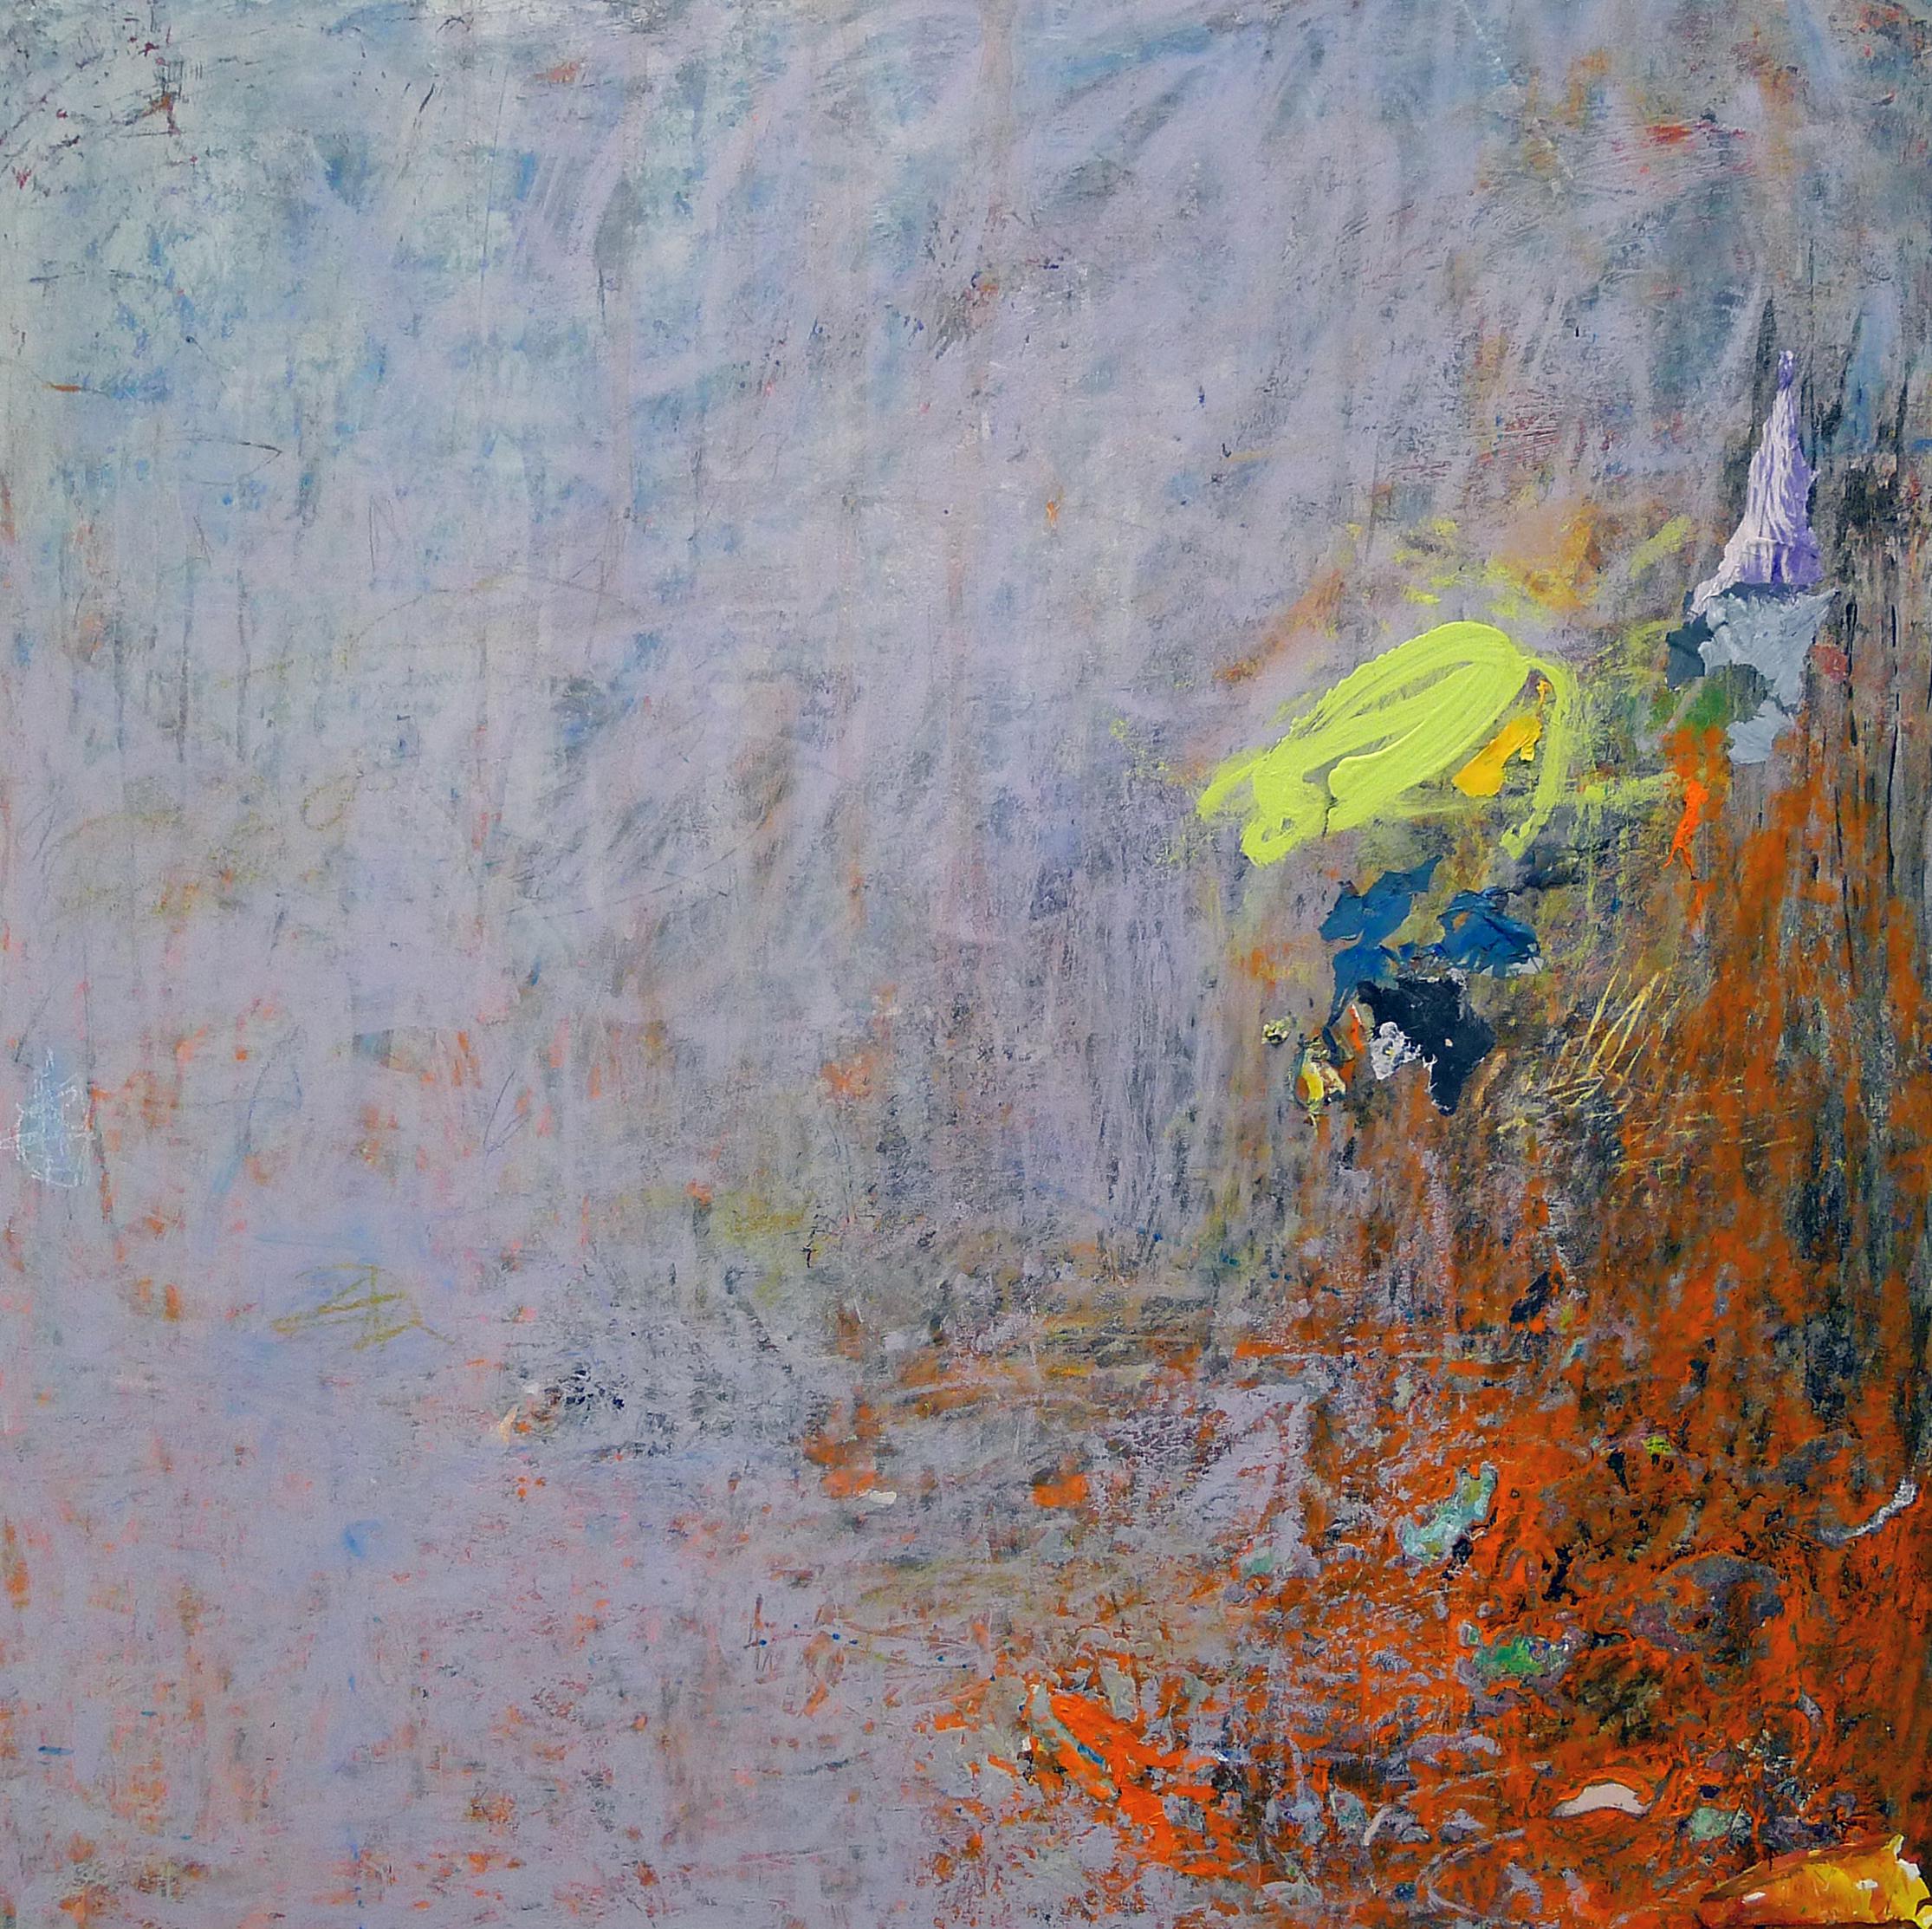 Cirioni,  Mazama 4 , Acrylic on panel, 24x24